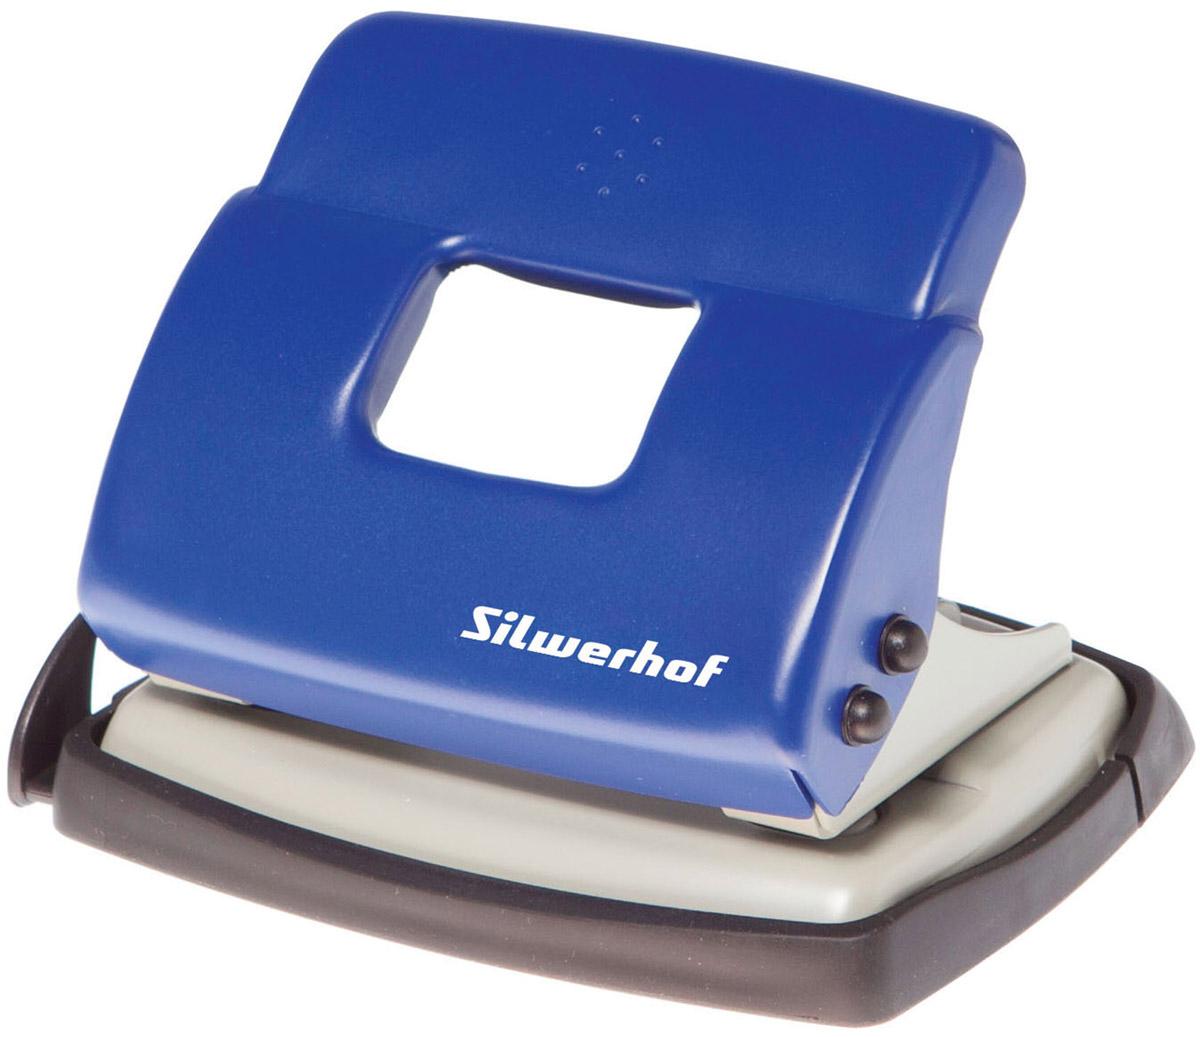 Silwerhof Дырокол Debut на 20 листов цвет синий392030-02Надежный цельнометаллический дырокол Silwerhof Debut - это незаменимый офисный инструмент для перфорации бумаги и картона. Металлический дырокол с нескользящим основанием предназначен для одновременной перфорации до 20 листов бумаги 80г/м. Для удобства он оснащен выдвижной линейкой с разметкой для документов различных форматов, а также имеет съемный резервуар для обрезков бумаги, встроенный в основание. Также у данного атрибута присутствует окно для персонализации и пластиковый поддон для сбора конфетти с функцией частичного открывания.